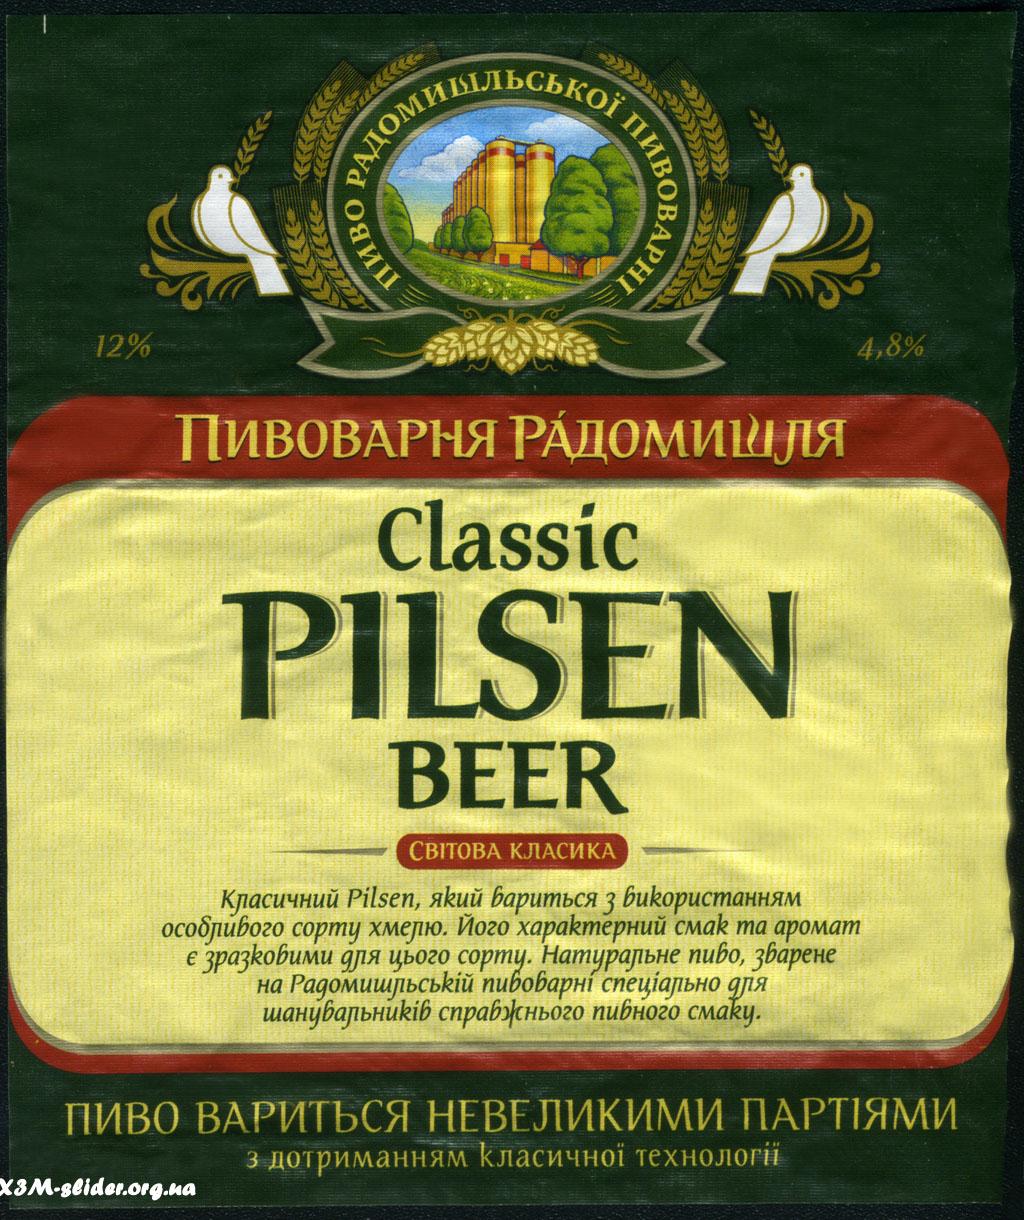 Classic Pilsen Beer - Пивоварня Радомишля